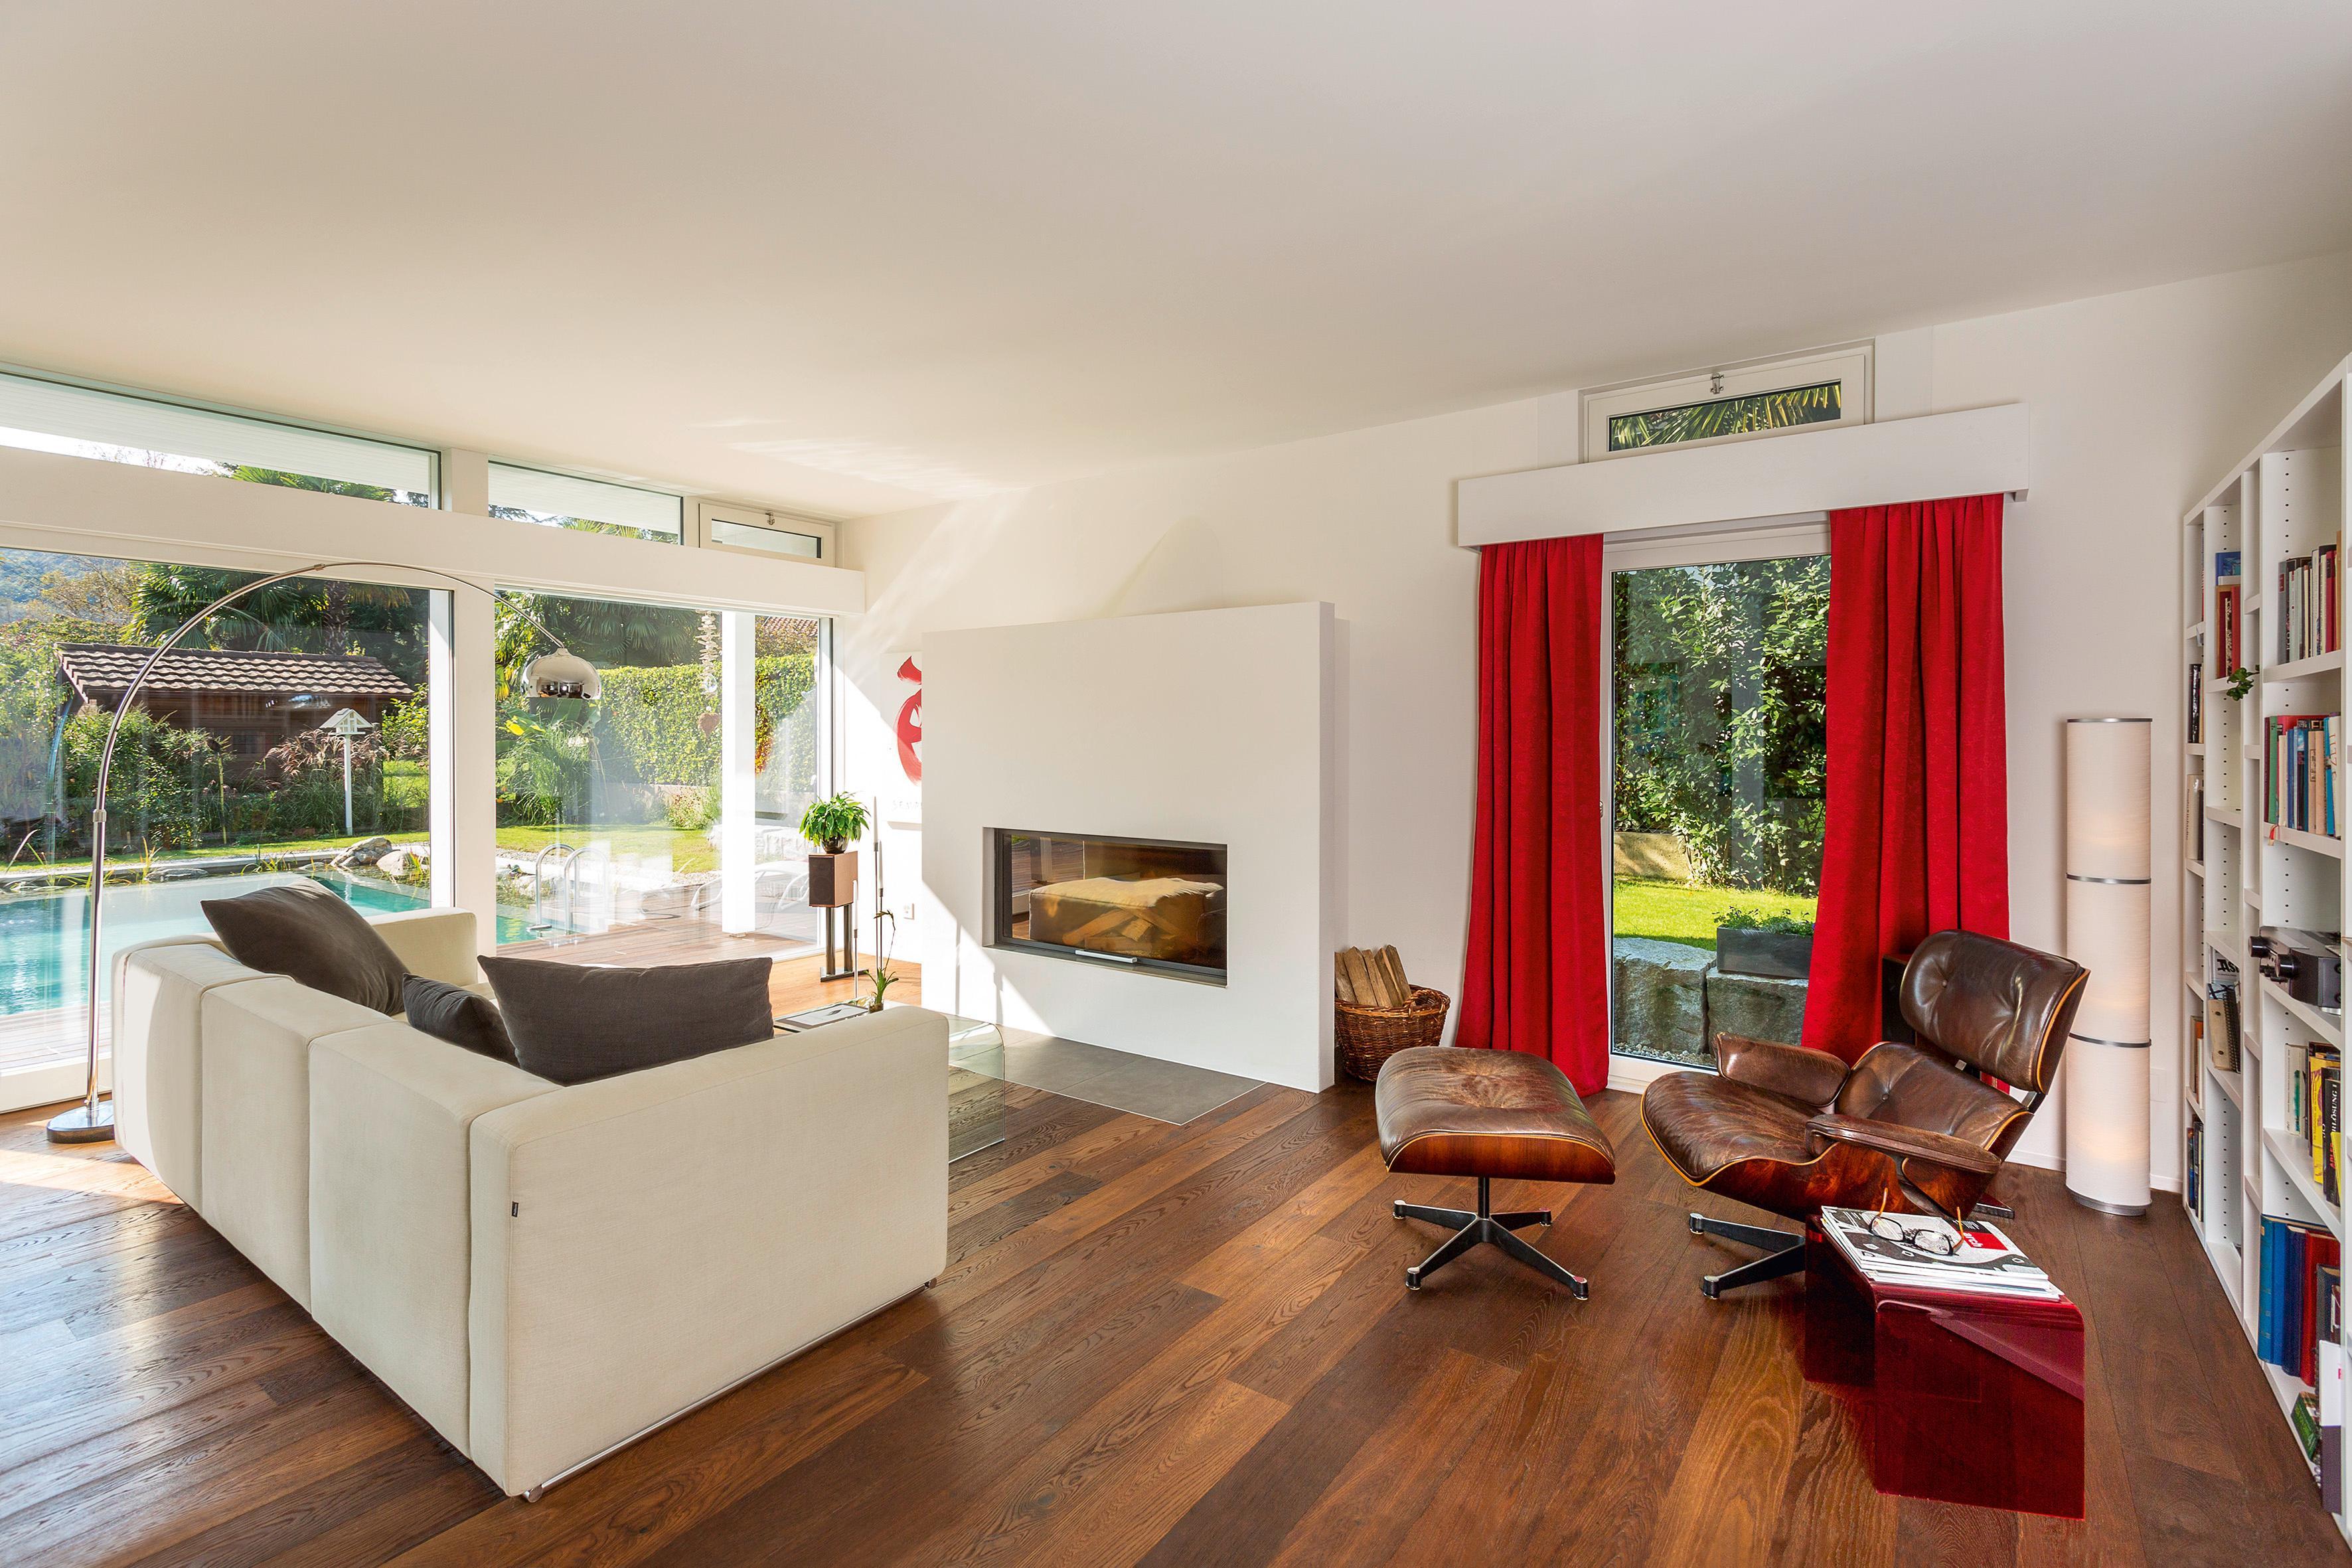 Gardinen • Bilder & Ideen • Couchstyle